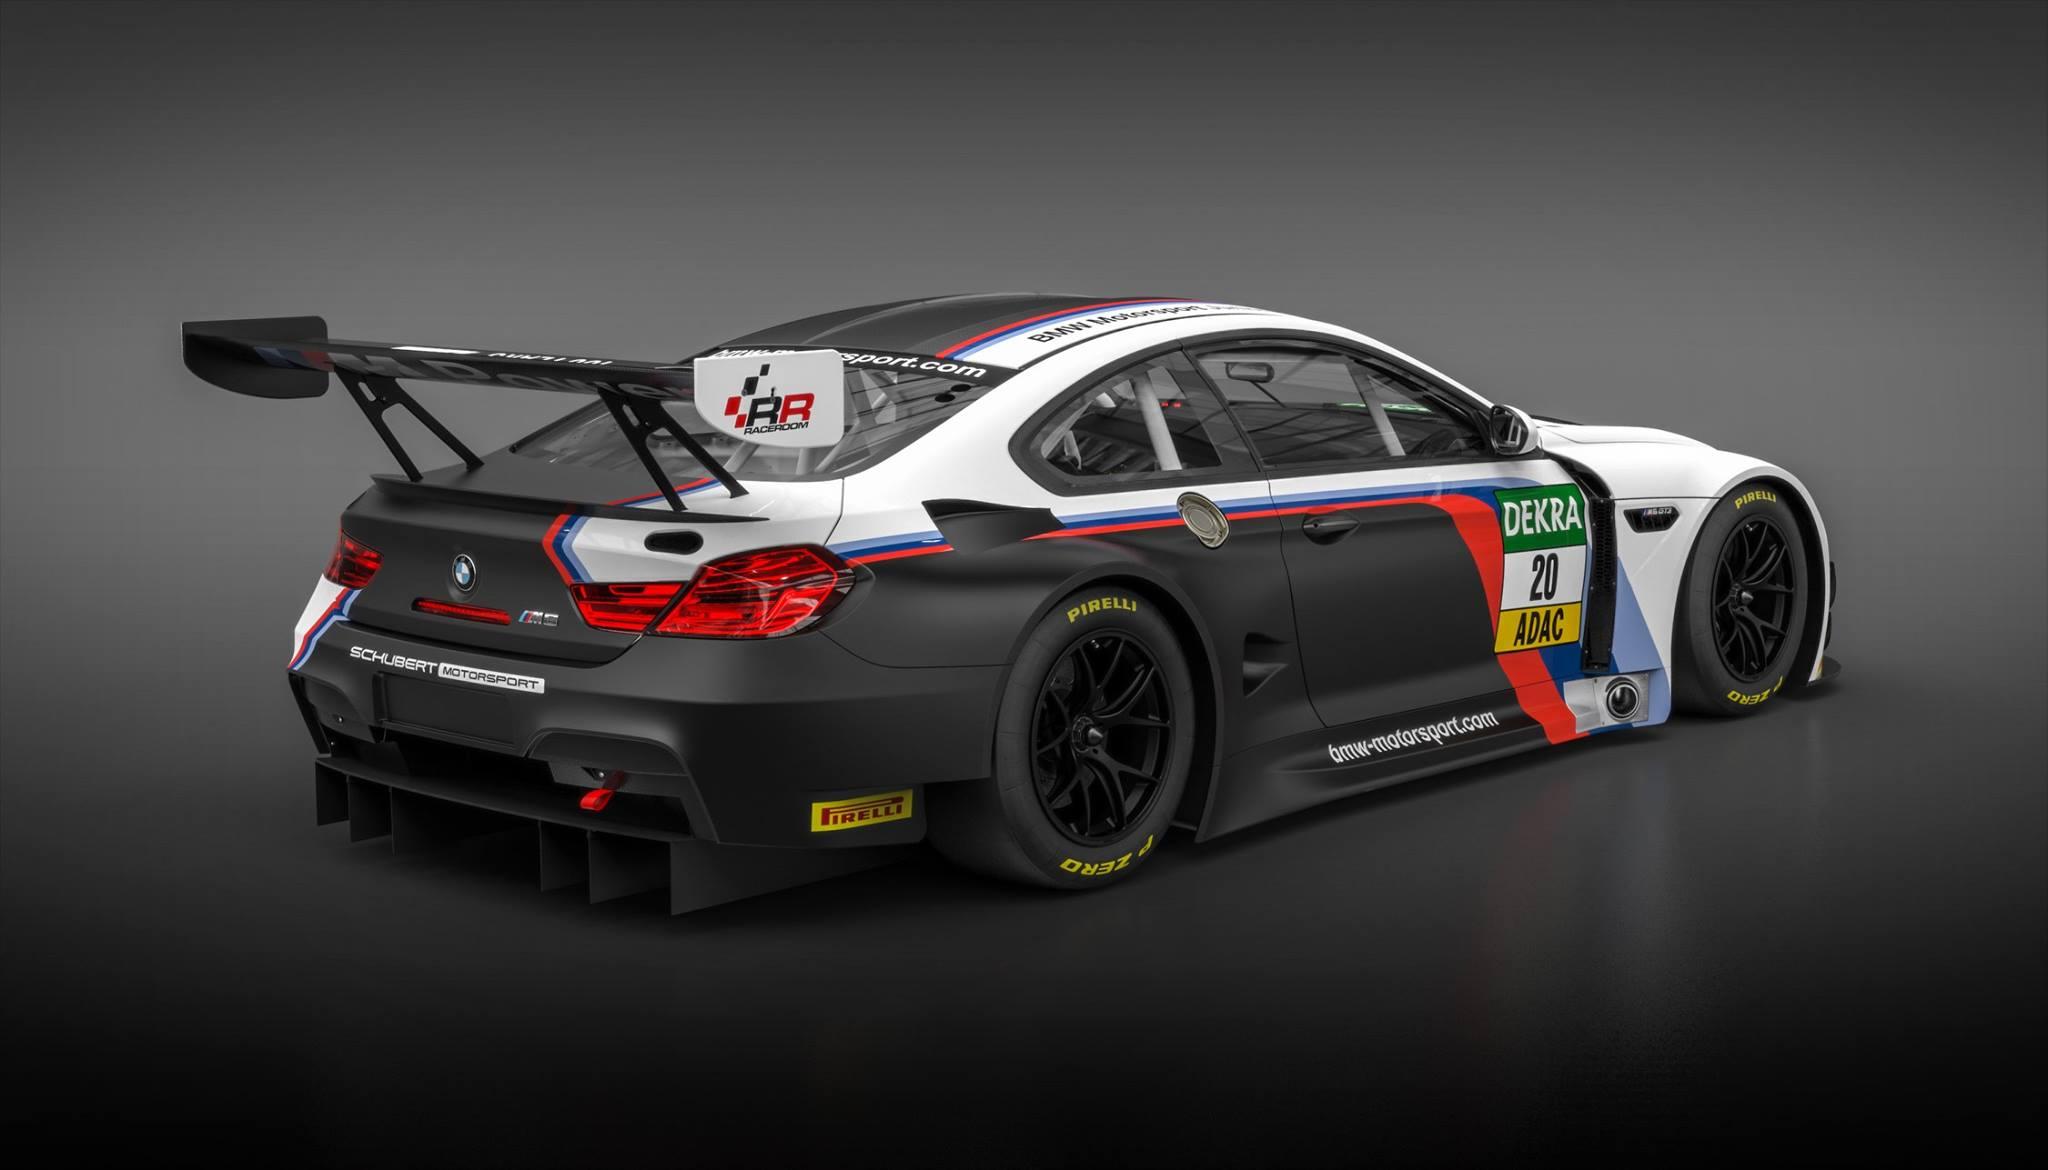 Raceroom Racing Experience Bmw Motorsport M6 Gt3 Lizenz